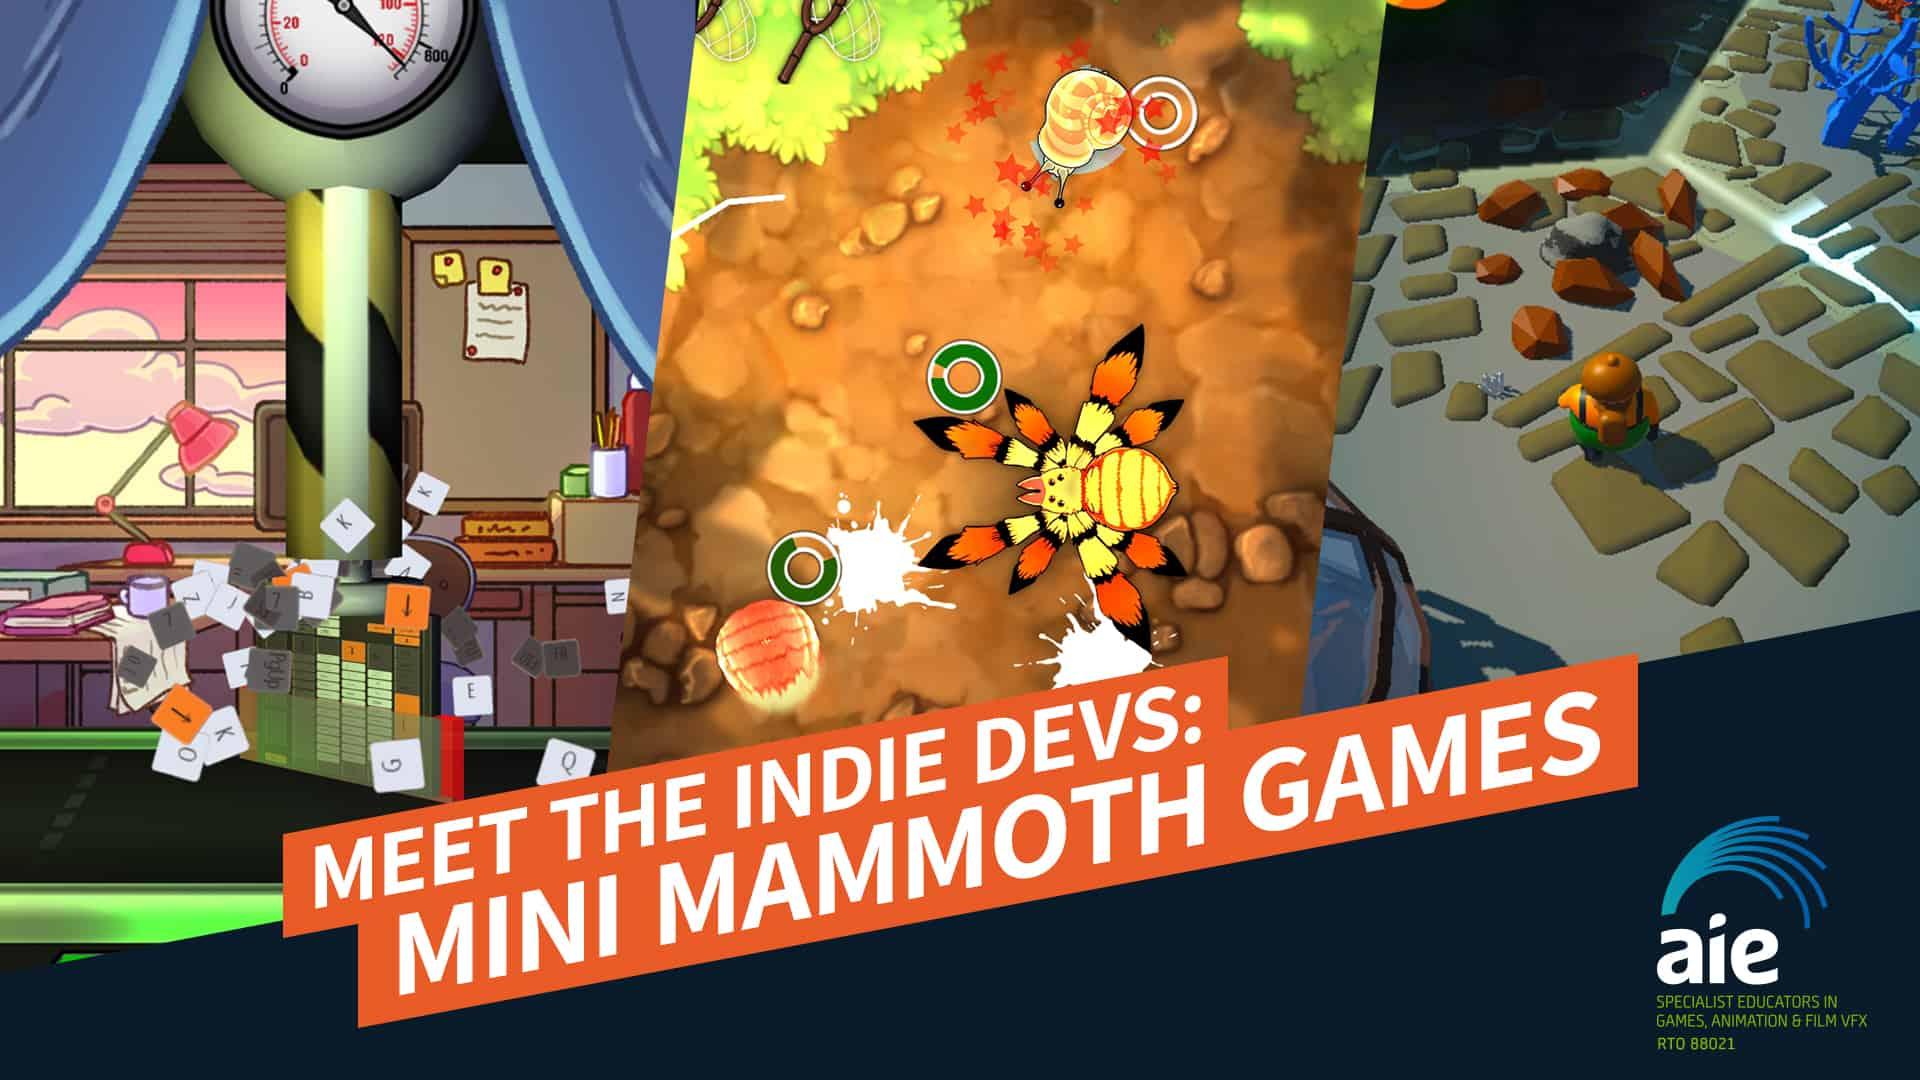 Meet the Indie Devs: Mini Mammoth Games   AIE Workshop